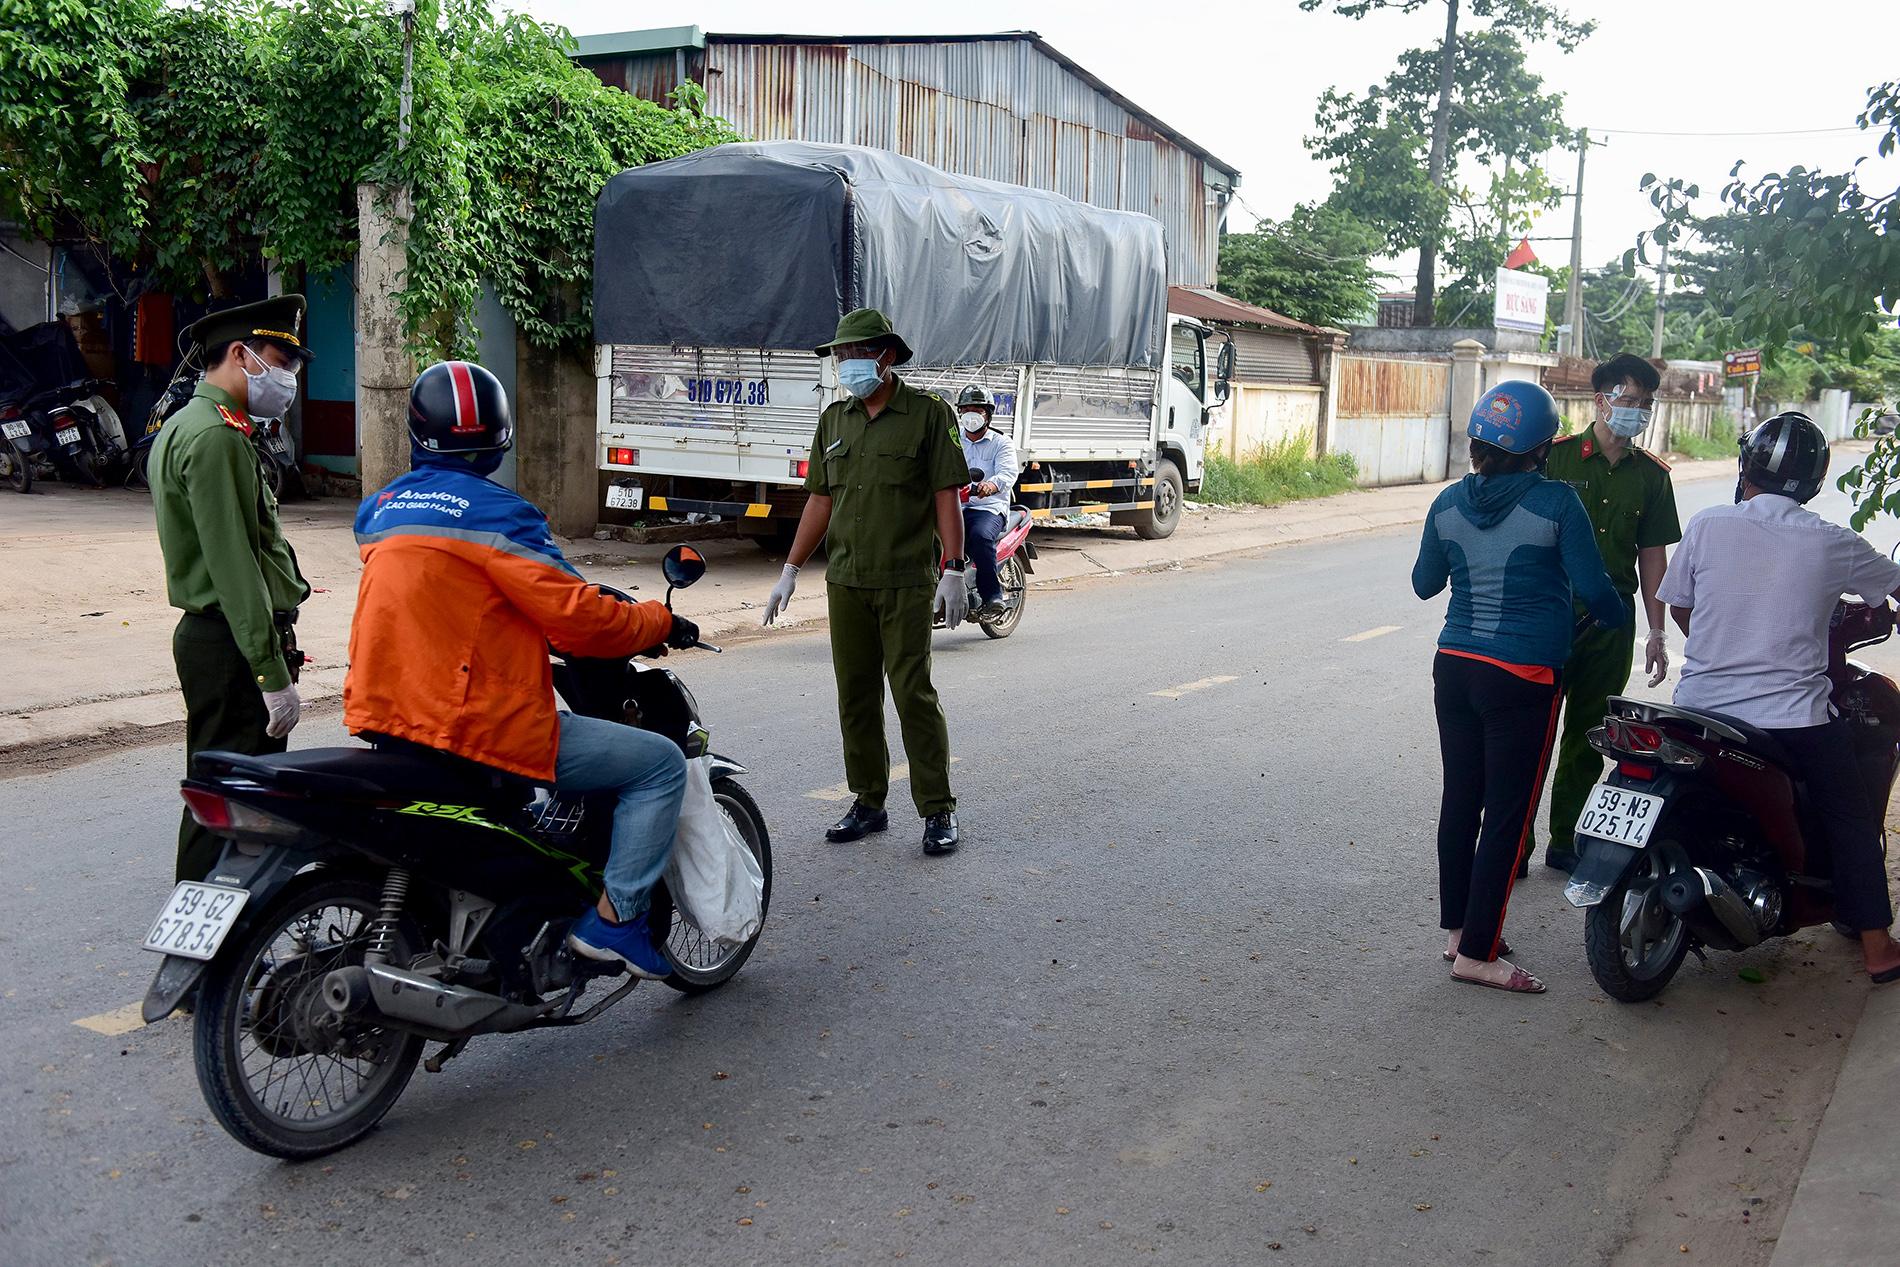 TP.HCM: Người đàn ông đi mua gạo dương tính SARS-CoV-2 khi test nhanh COVID-19 bên đường - 1